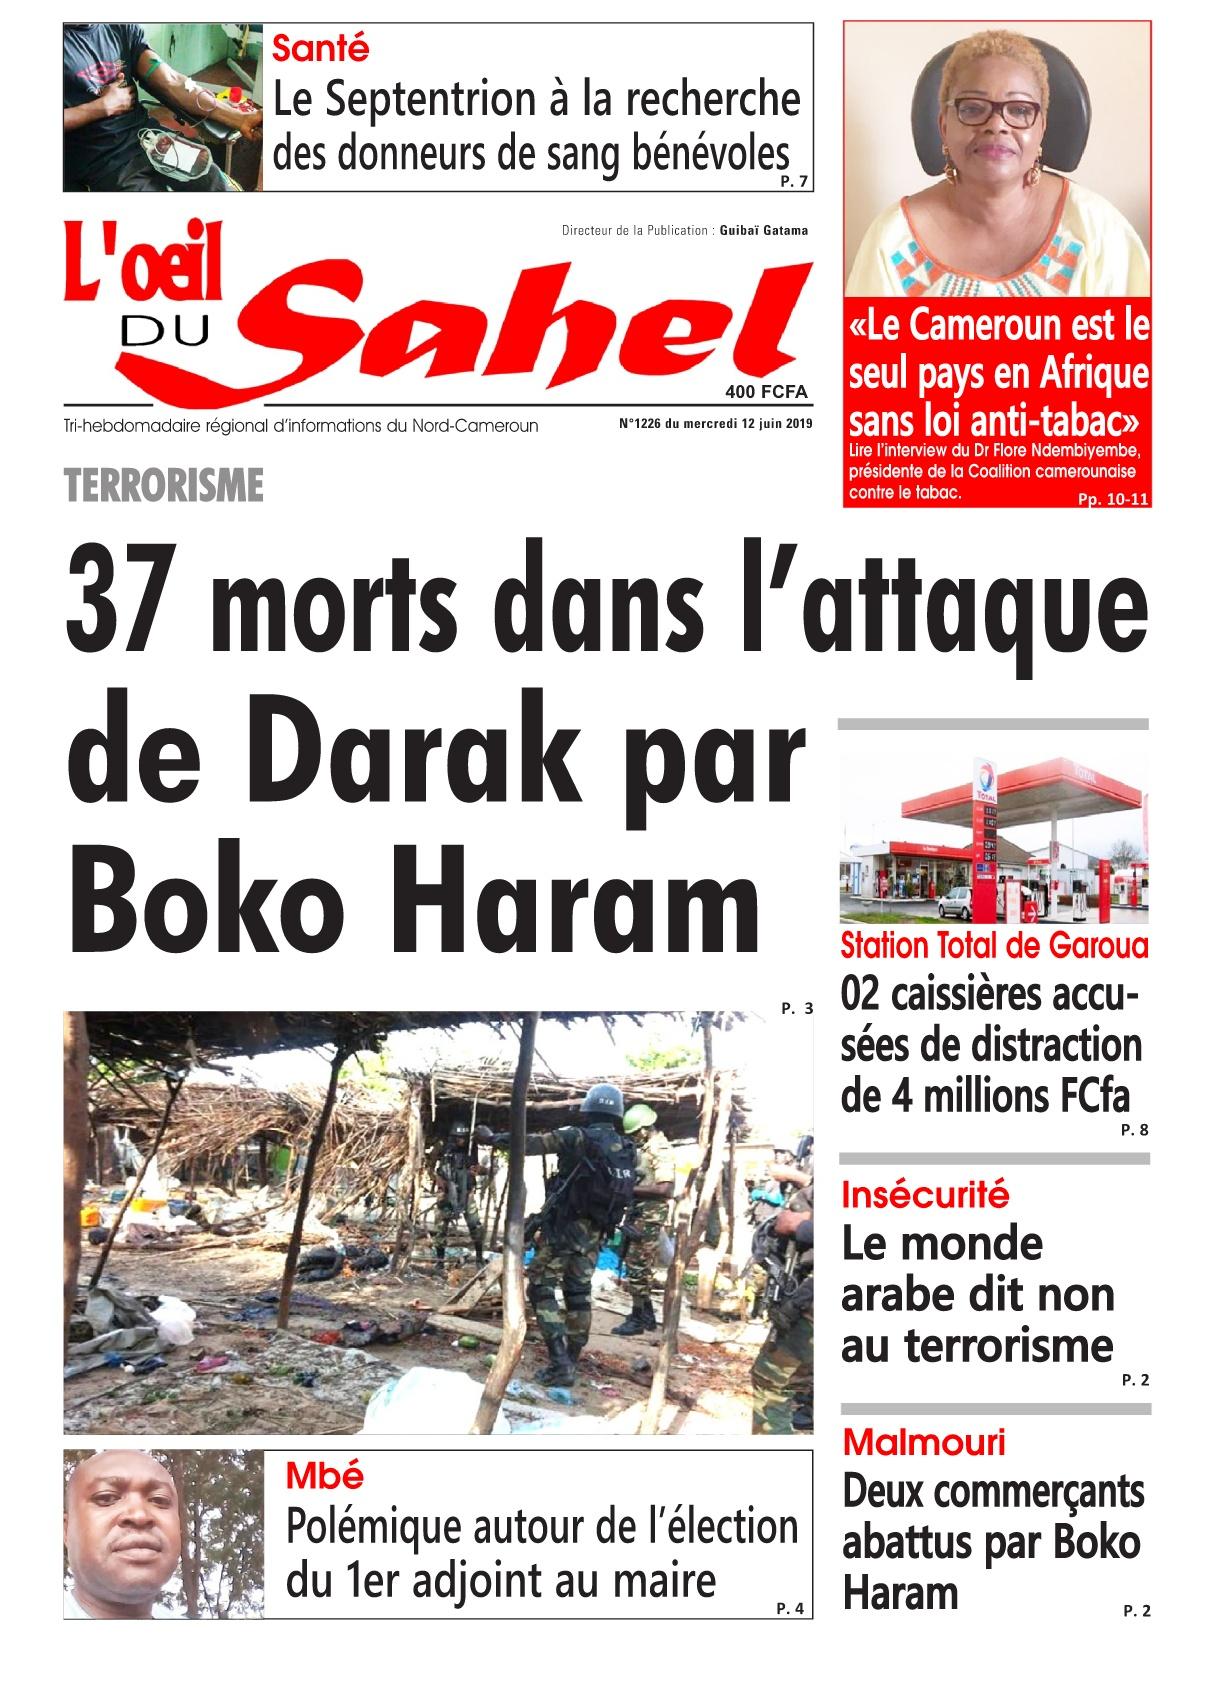 L'oeil du Sahel - 12/06/2019